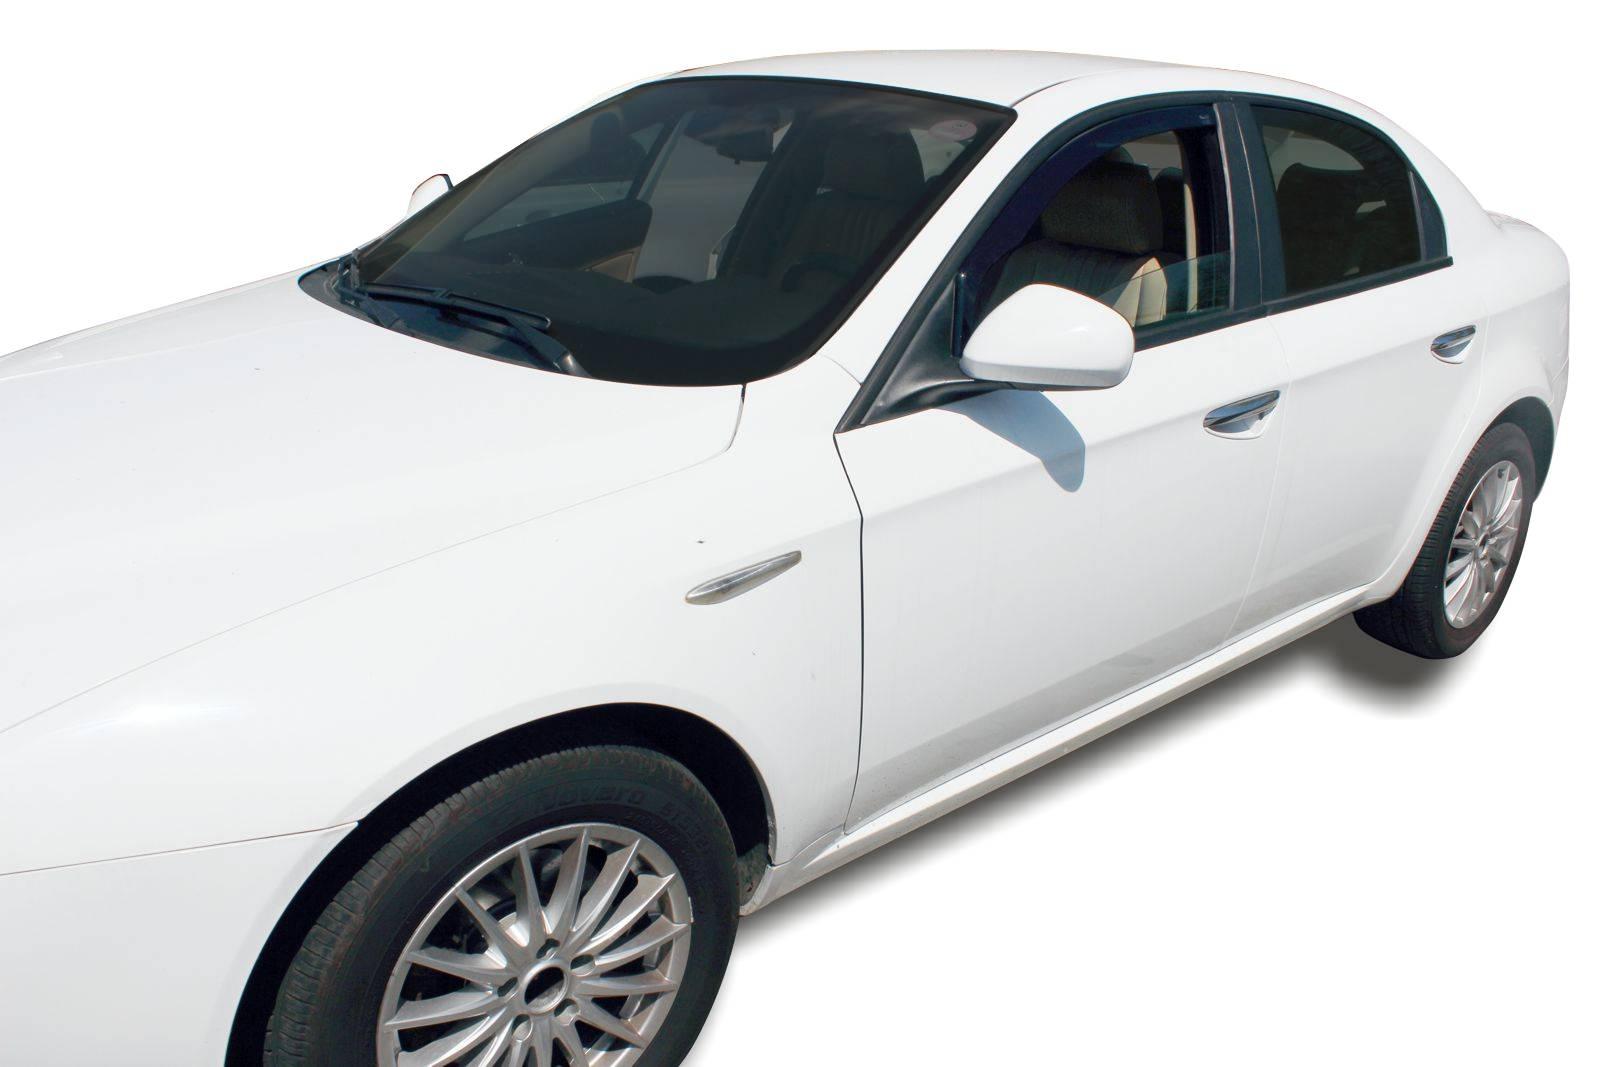 Okenné deflektory Alfa Romeo 159 4D 2005-2011 2 ks predné